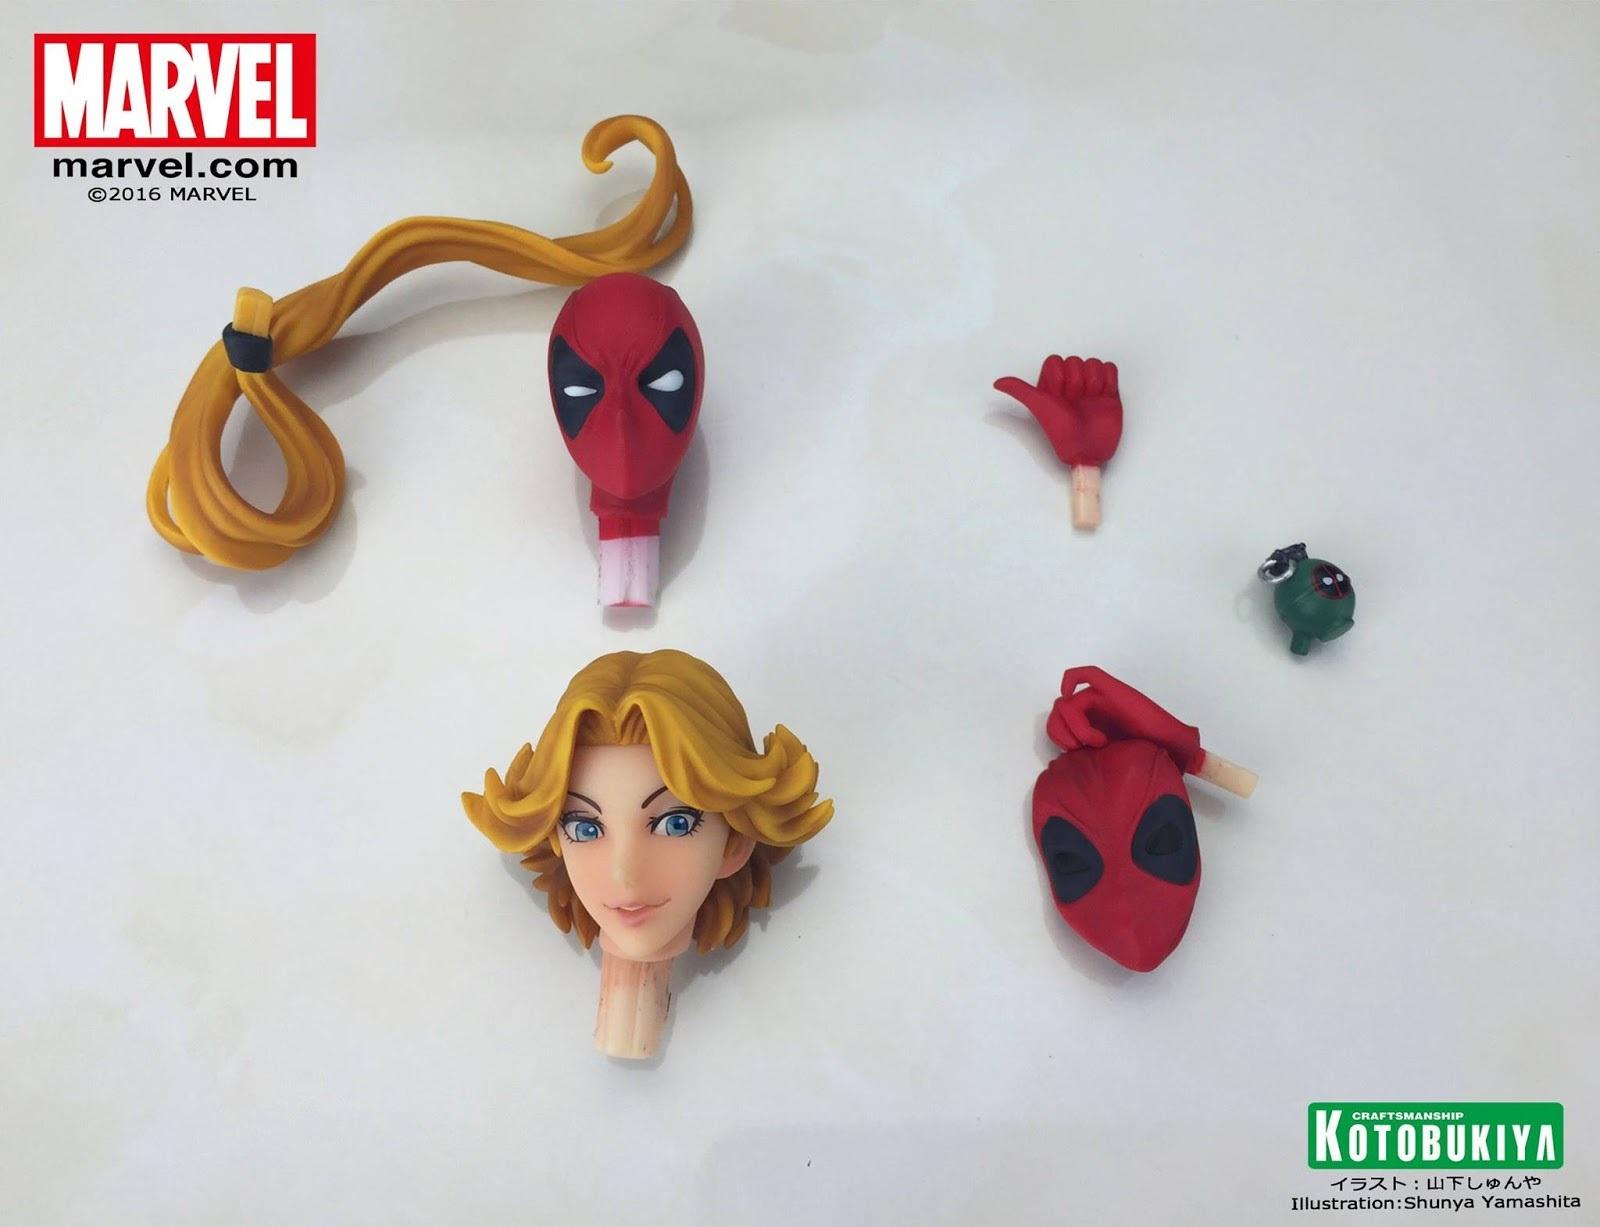 Фигурка Марвел Леди Дэдпул — Marvel Bishoujo Lady Deadpool